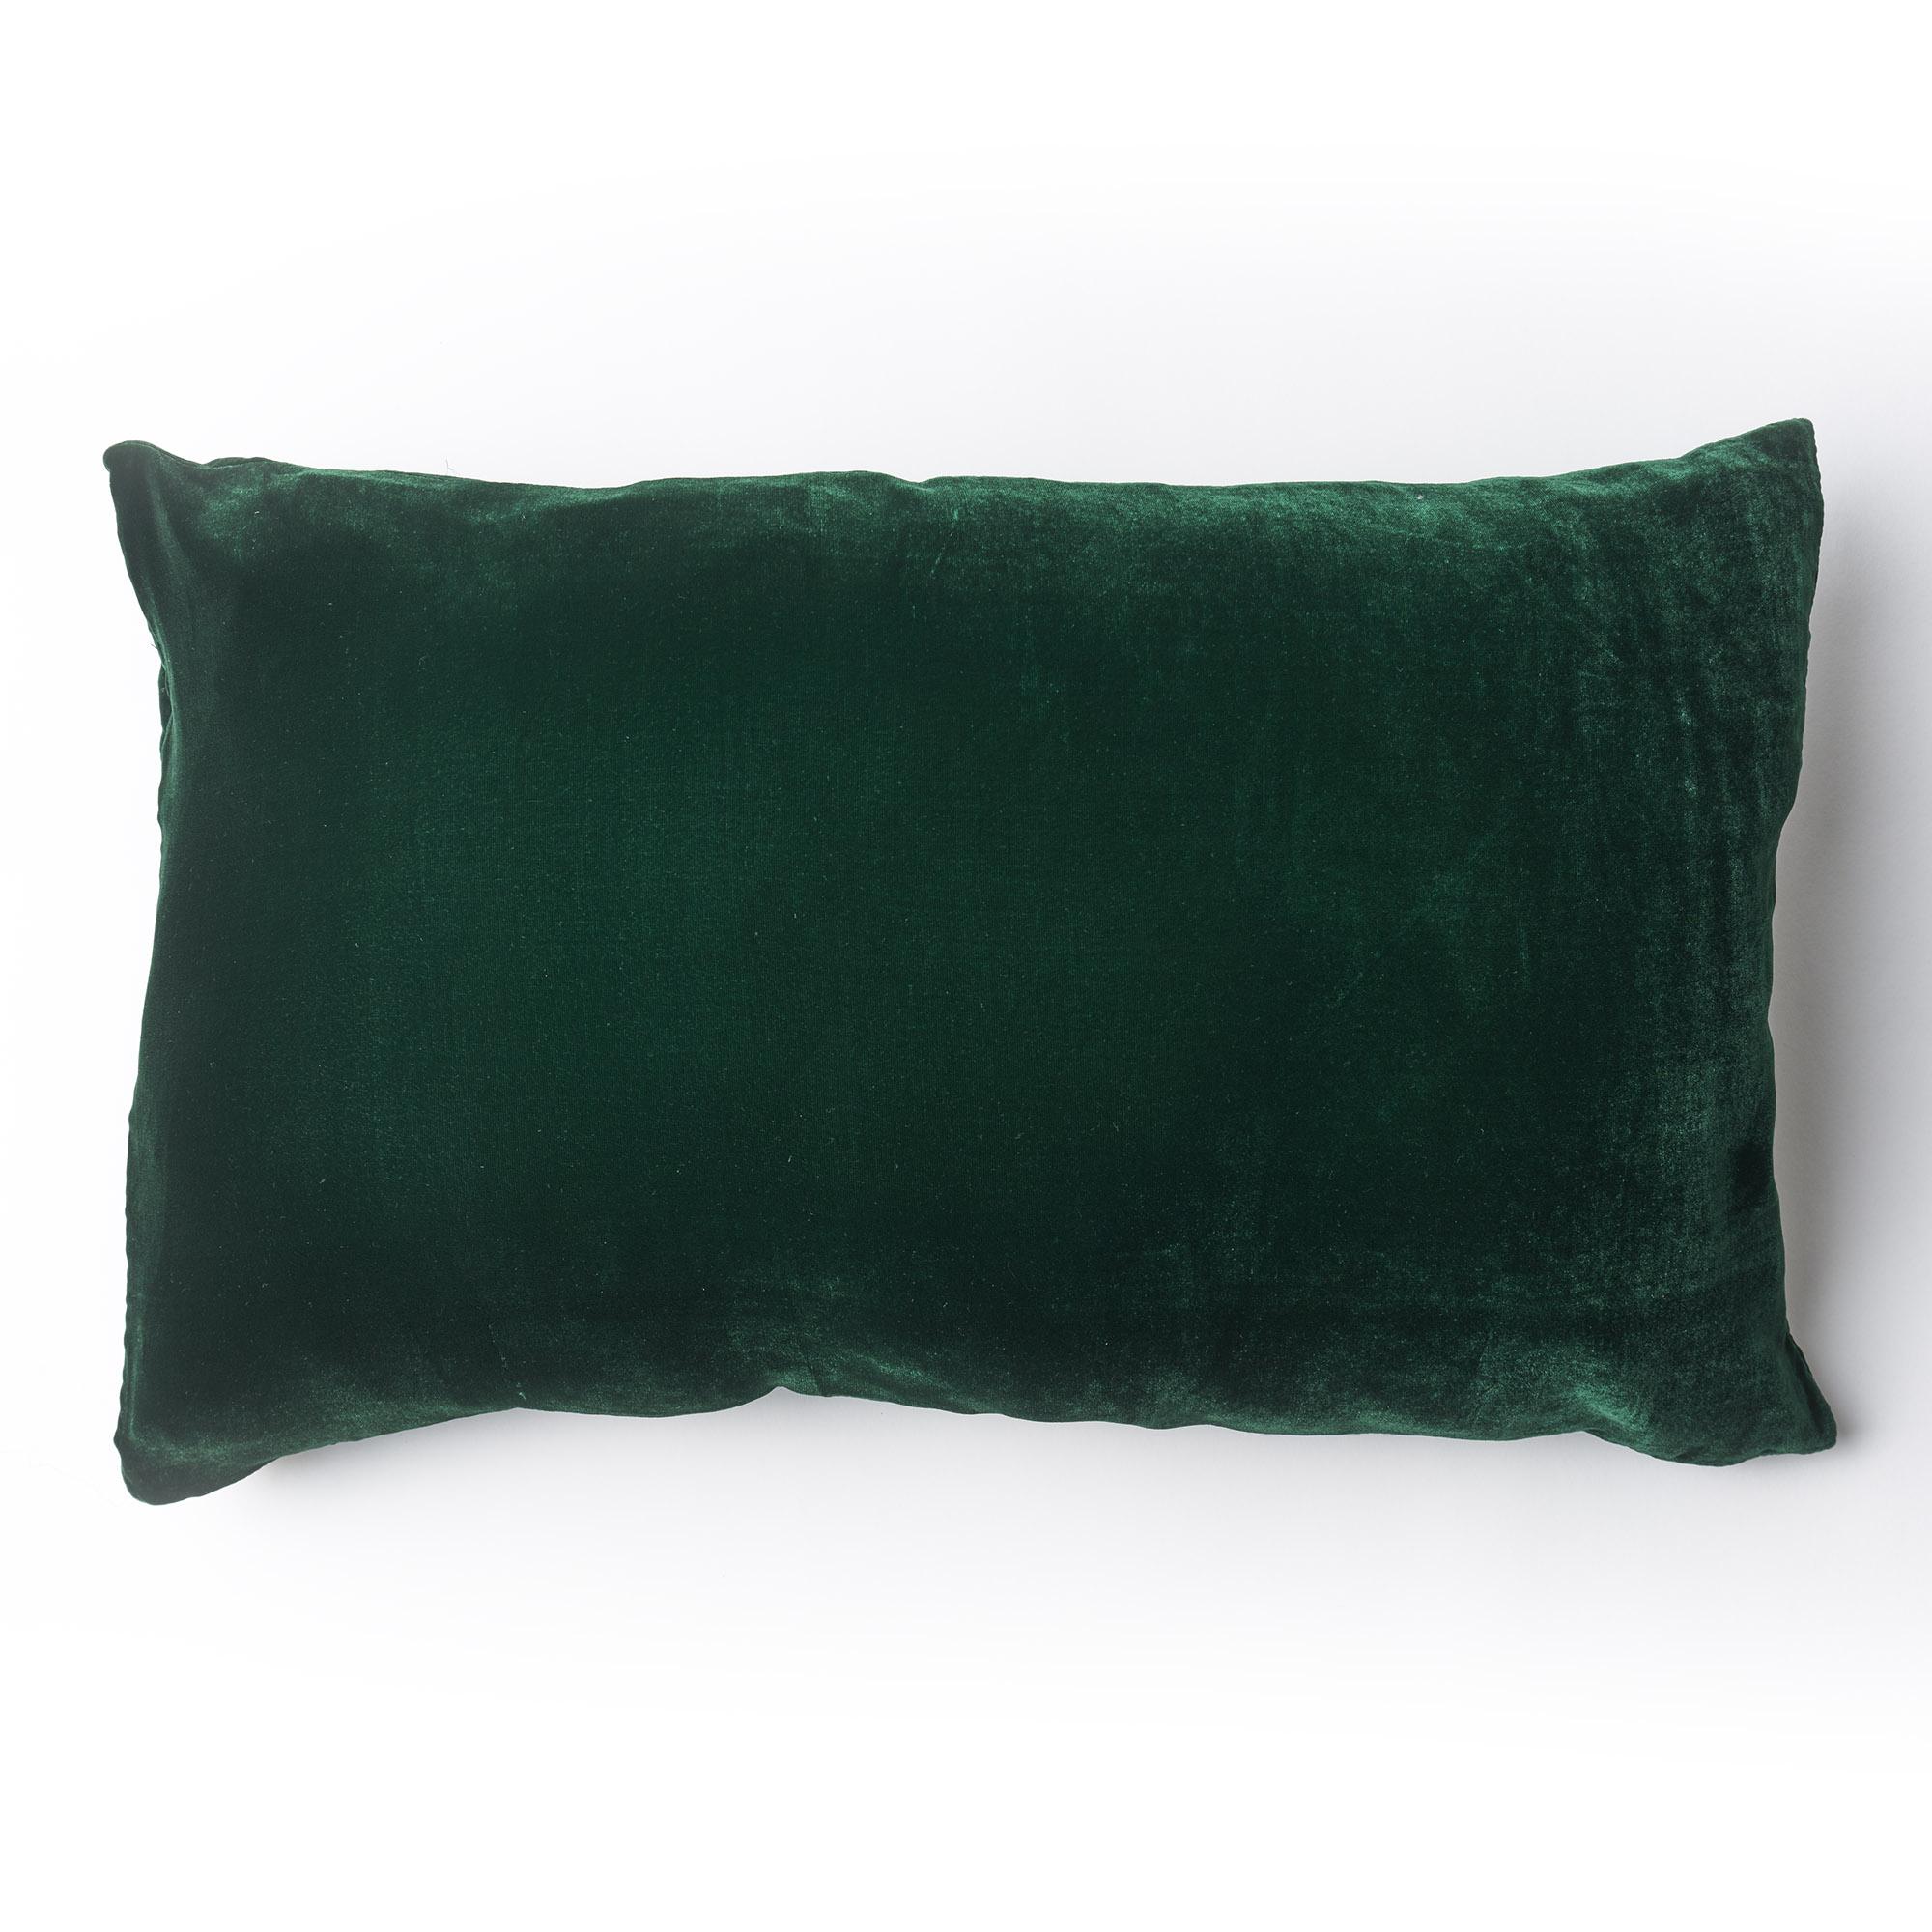 SALE! Almohadón de terciopelo, rectangular, verde inglés